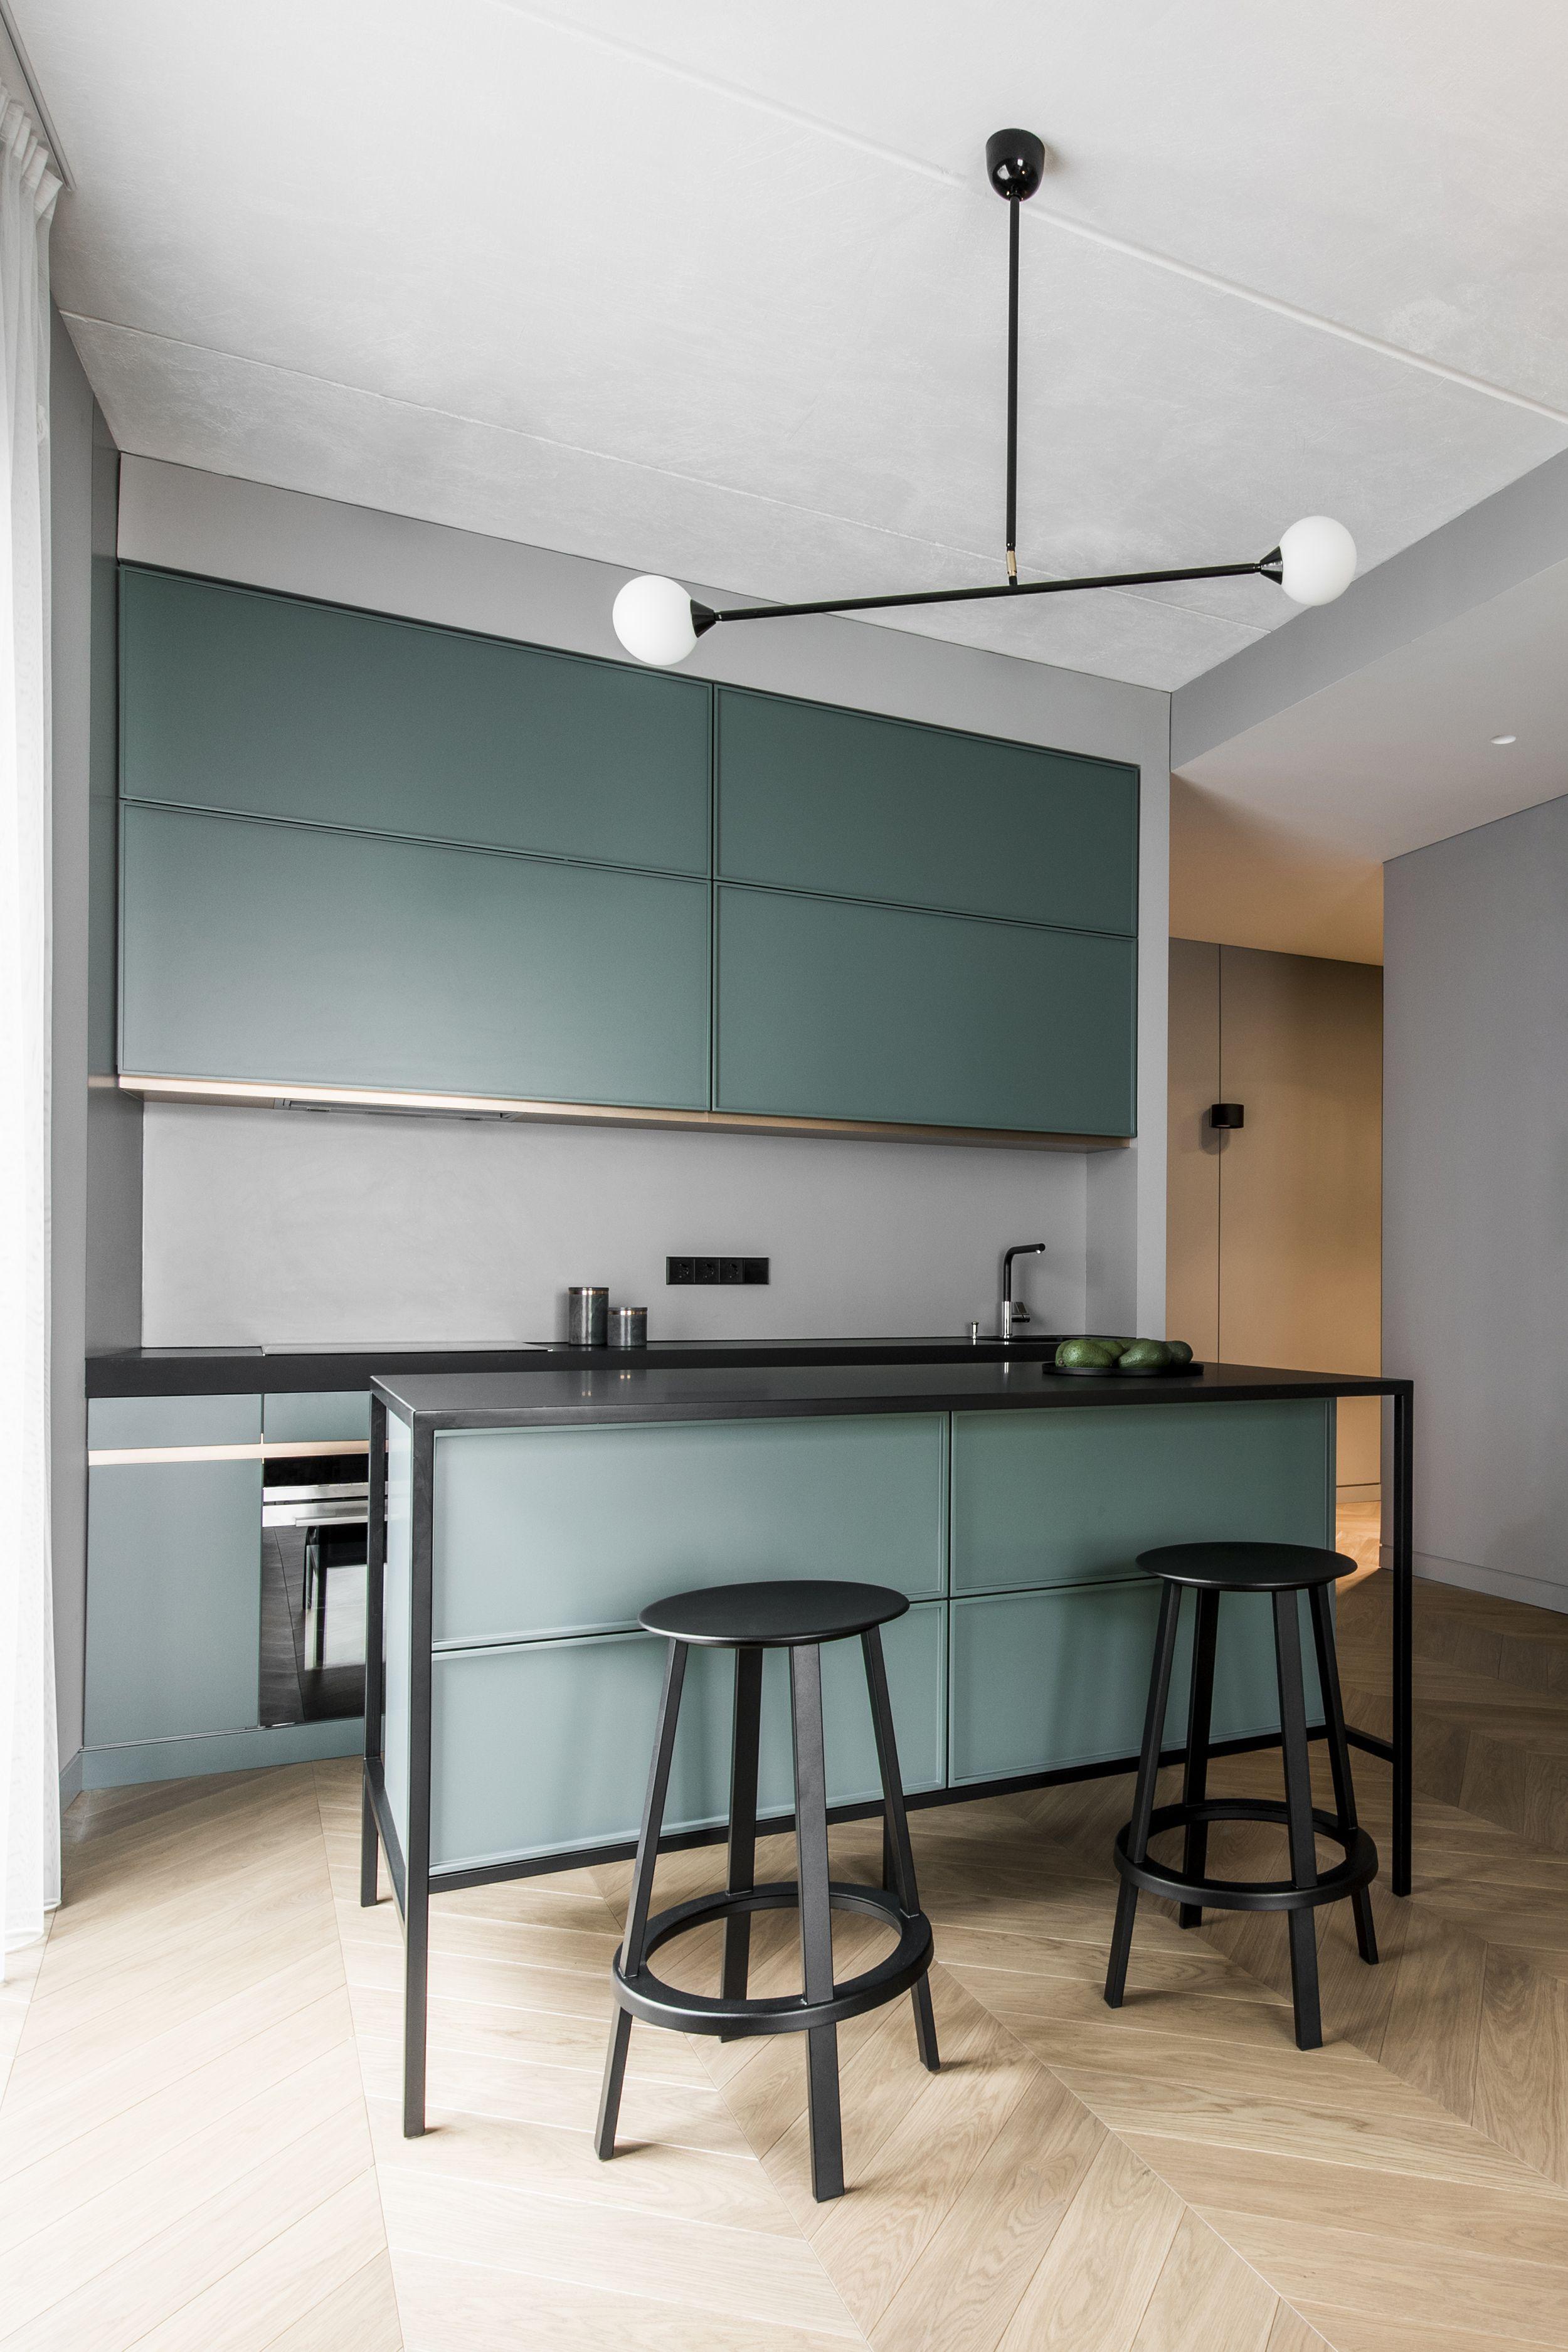 Cuisine Design Bleu Canard, Parquet Clair Point De Hongrie. Petit Espace à  La Déco Moderne